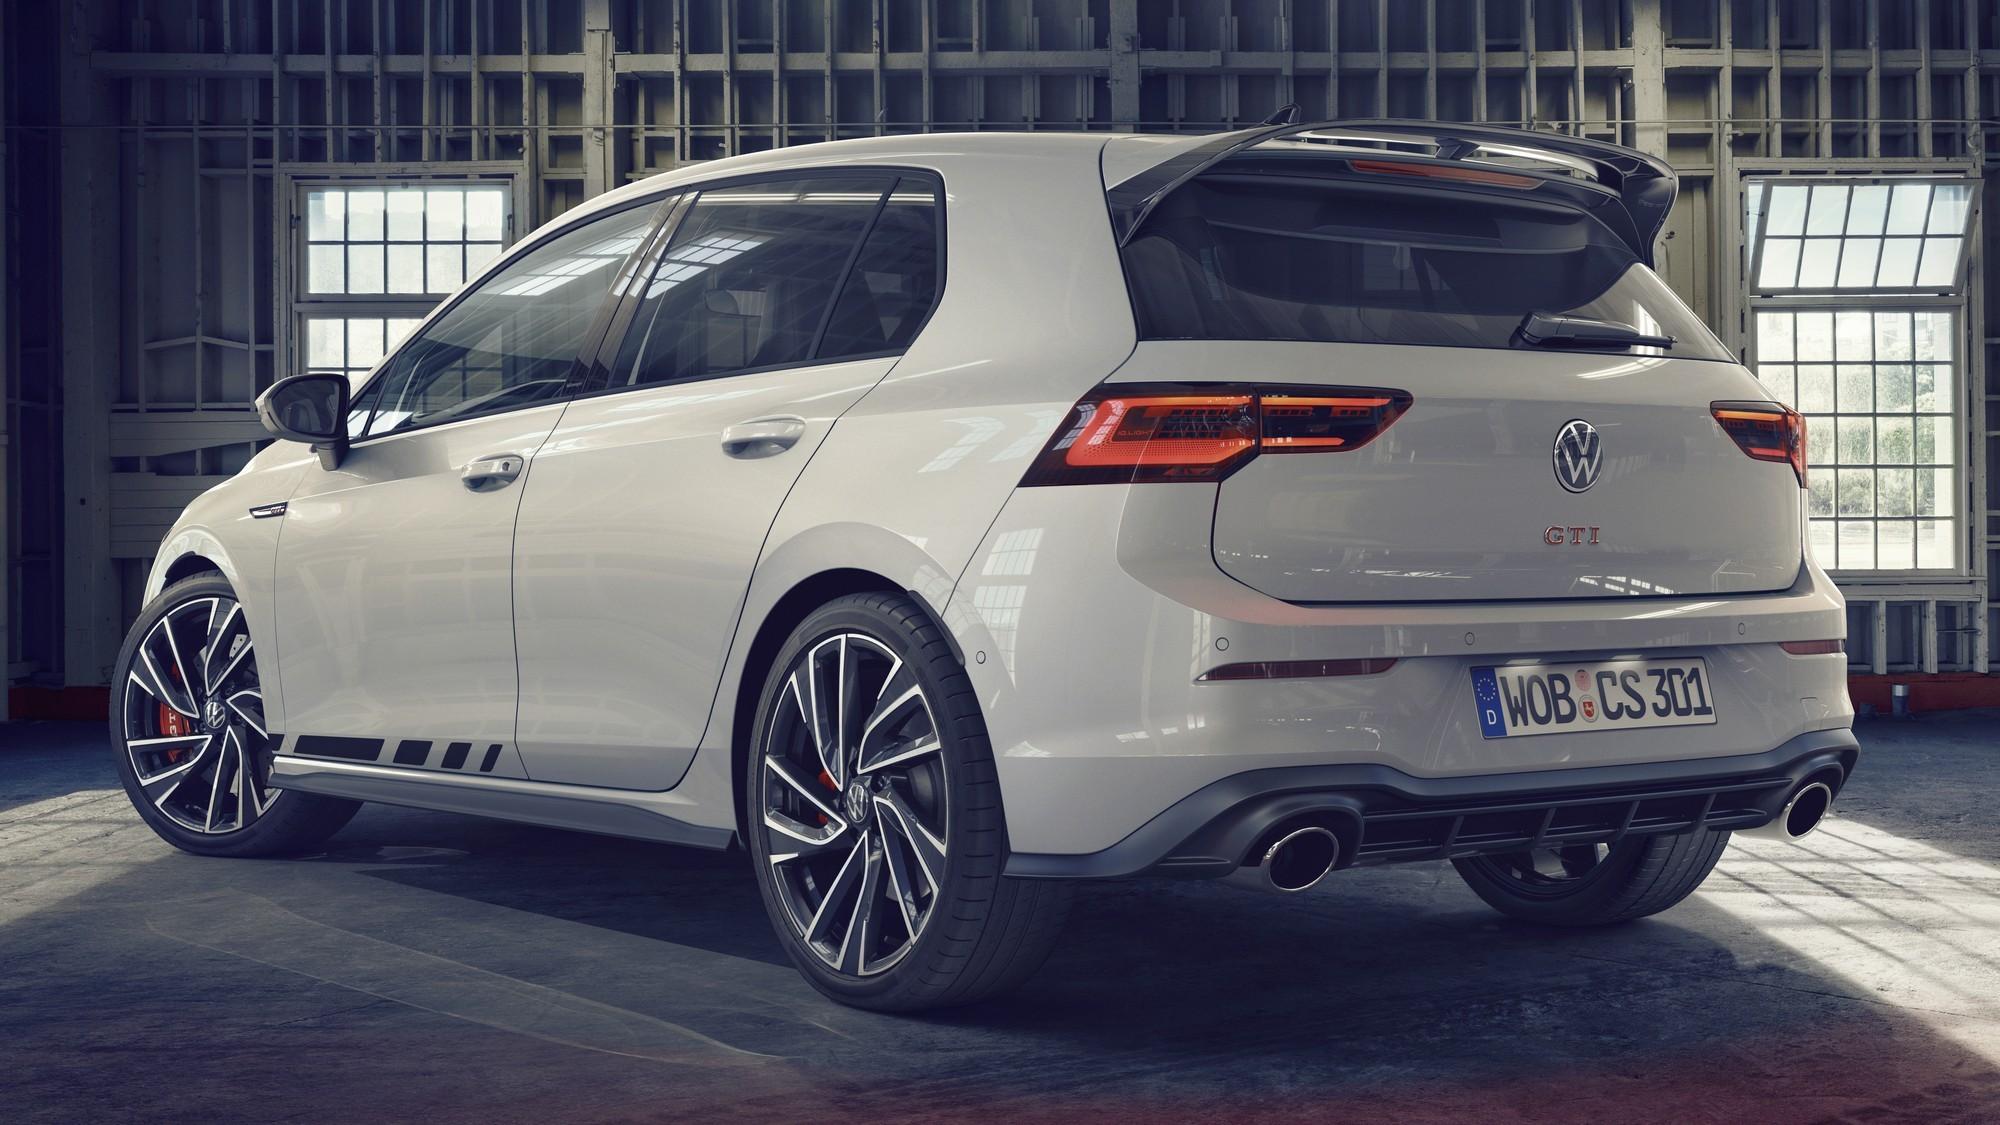 Новый VW Golf GTI Clubsport: 300 л.с., DSG и спецпрограмма для езды по Нюрбургрингу